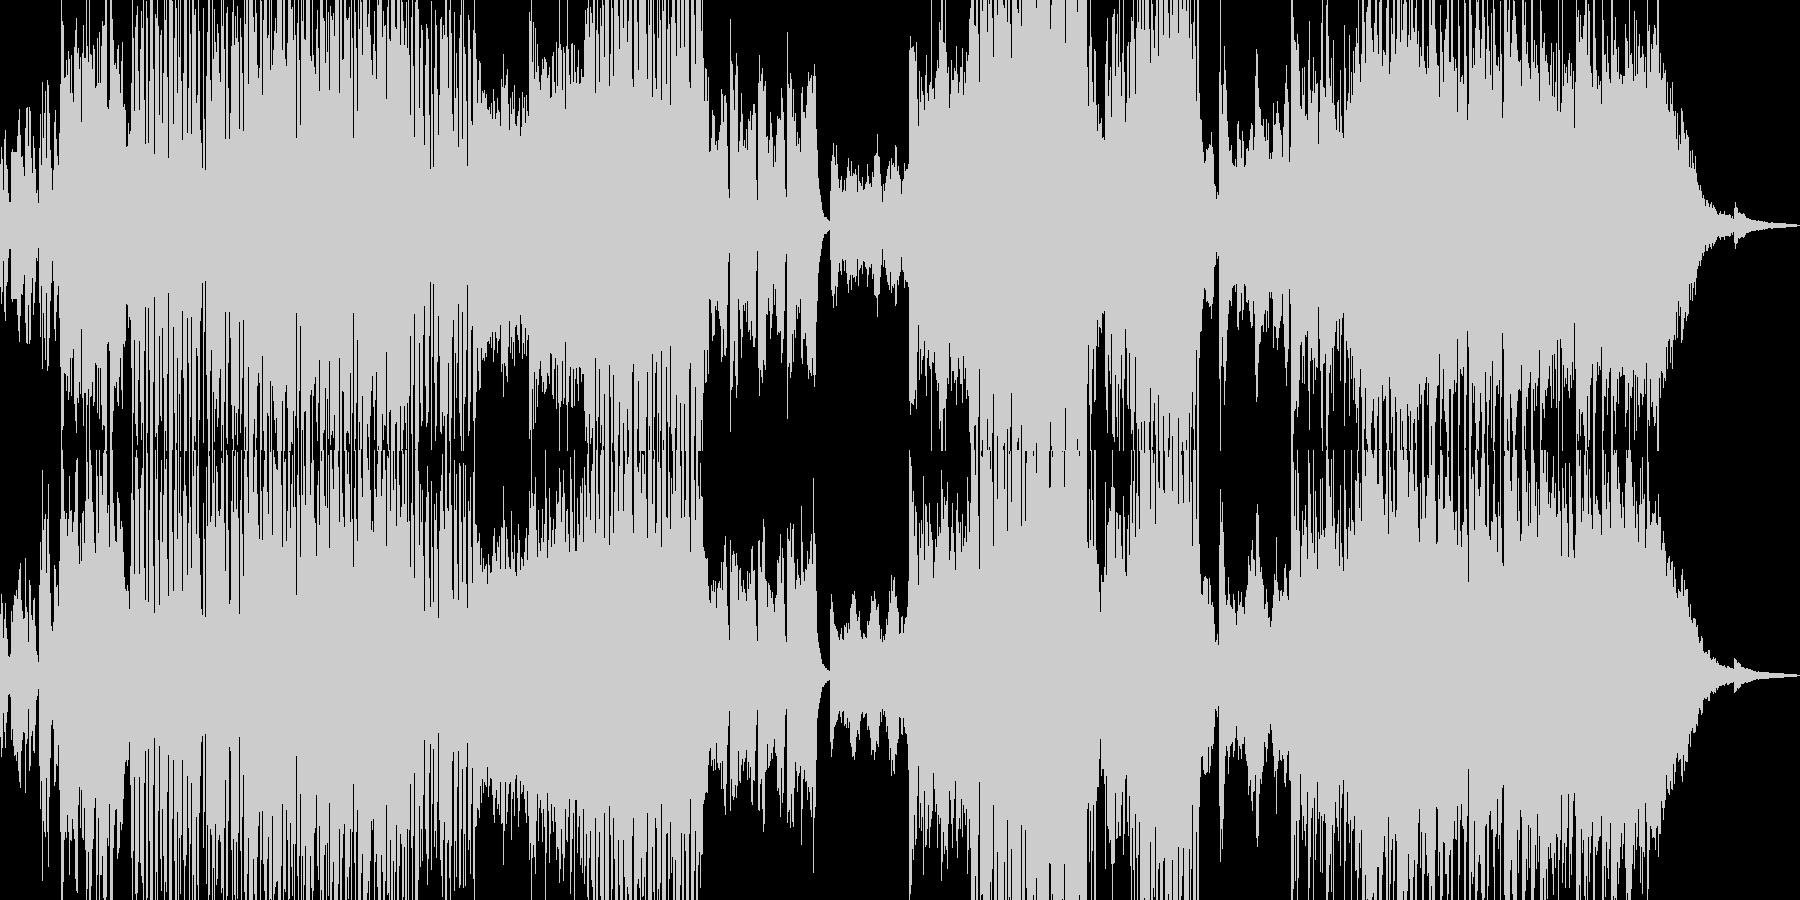 闇→光・恐怖やパニックがテーマの作品にの未再生の波形